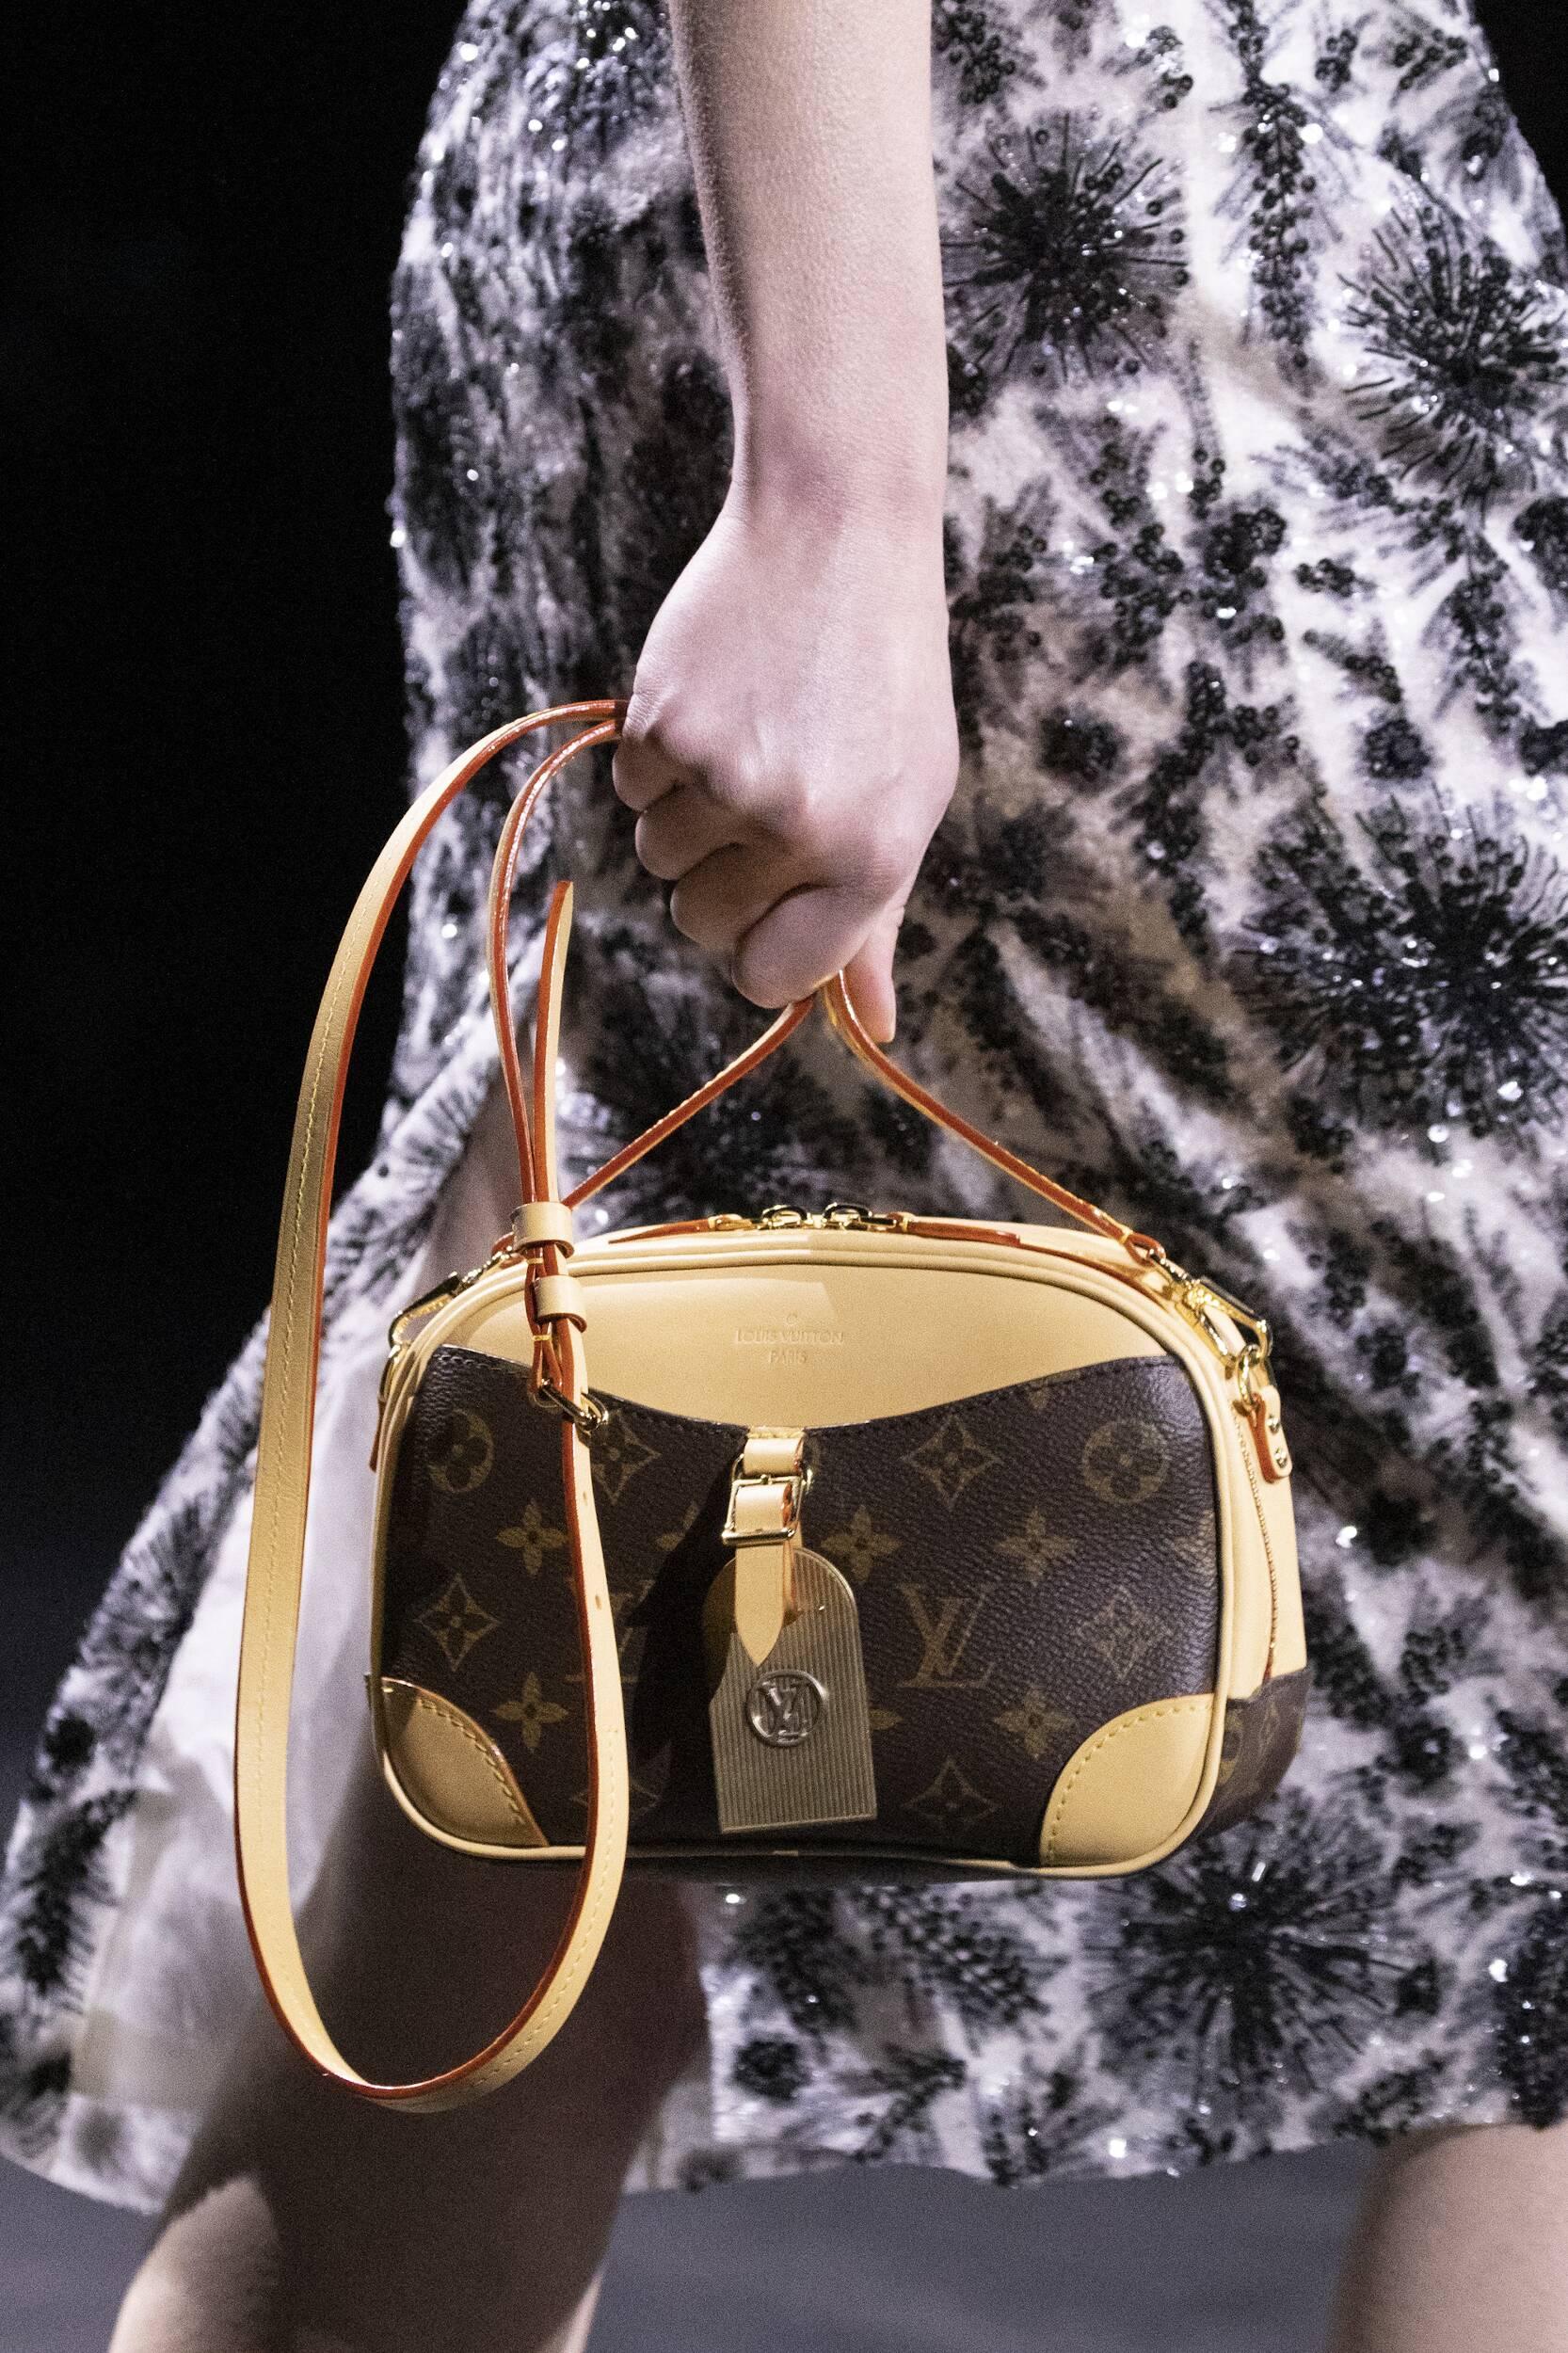 Womenswear Jewelry Louis Vuitton